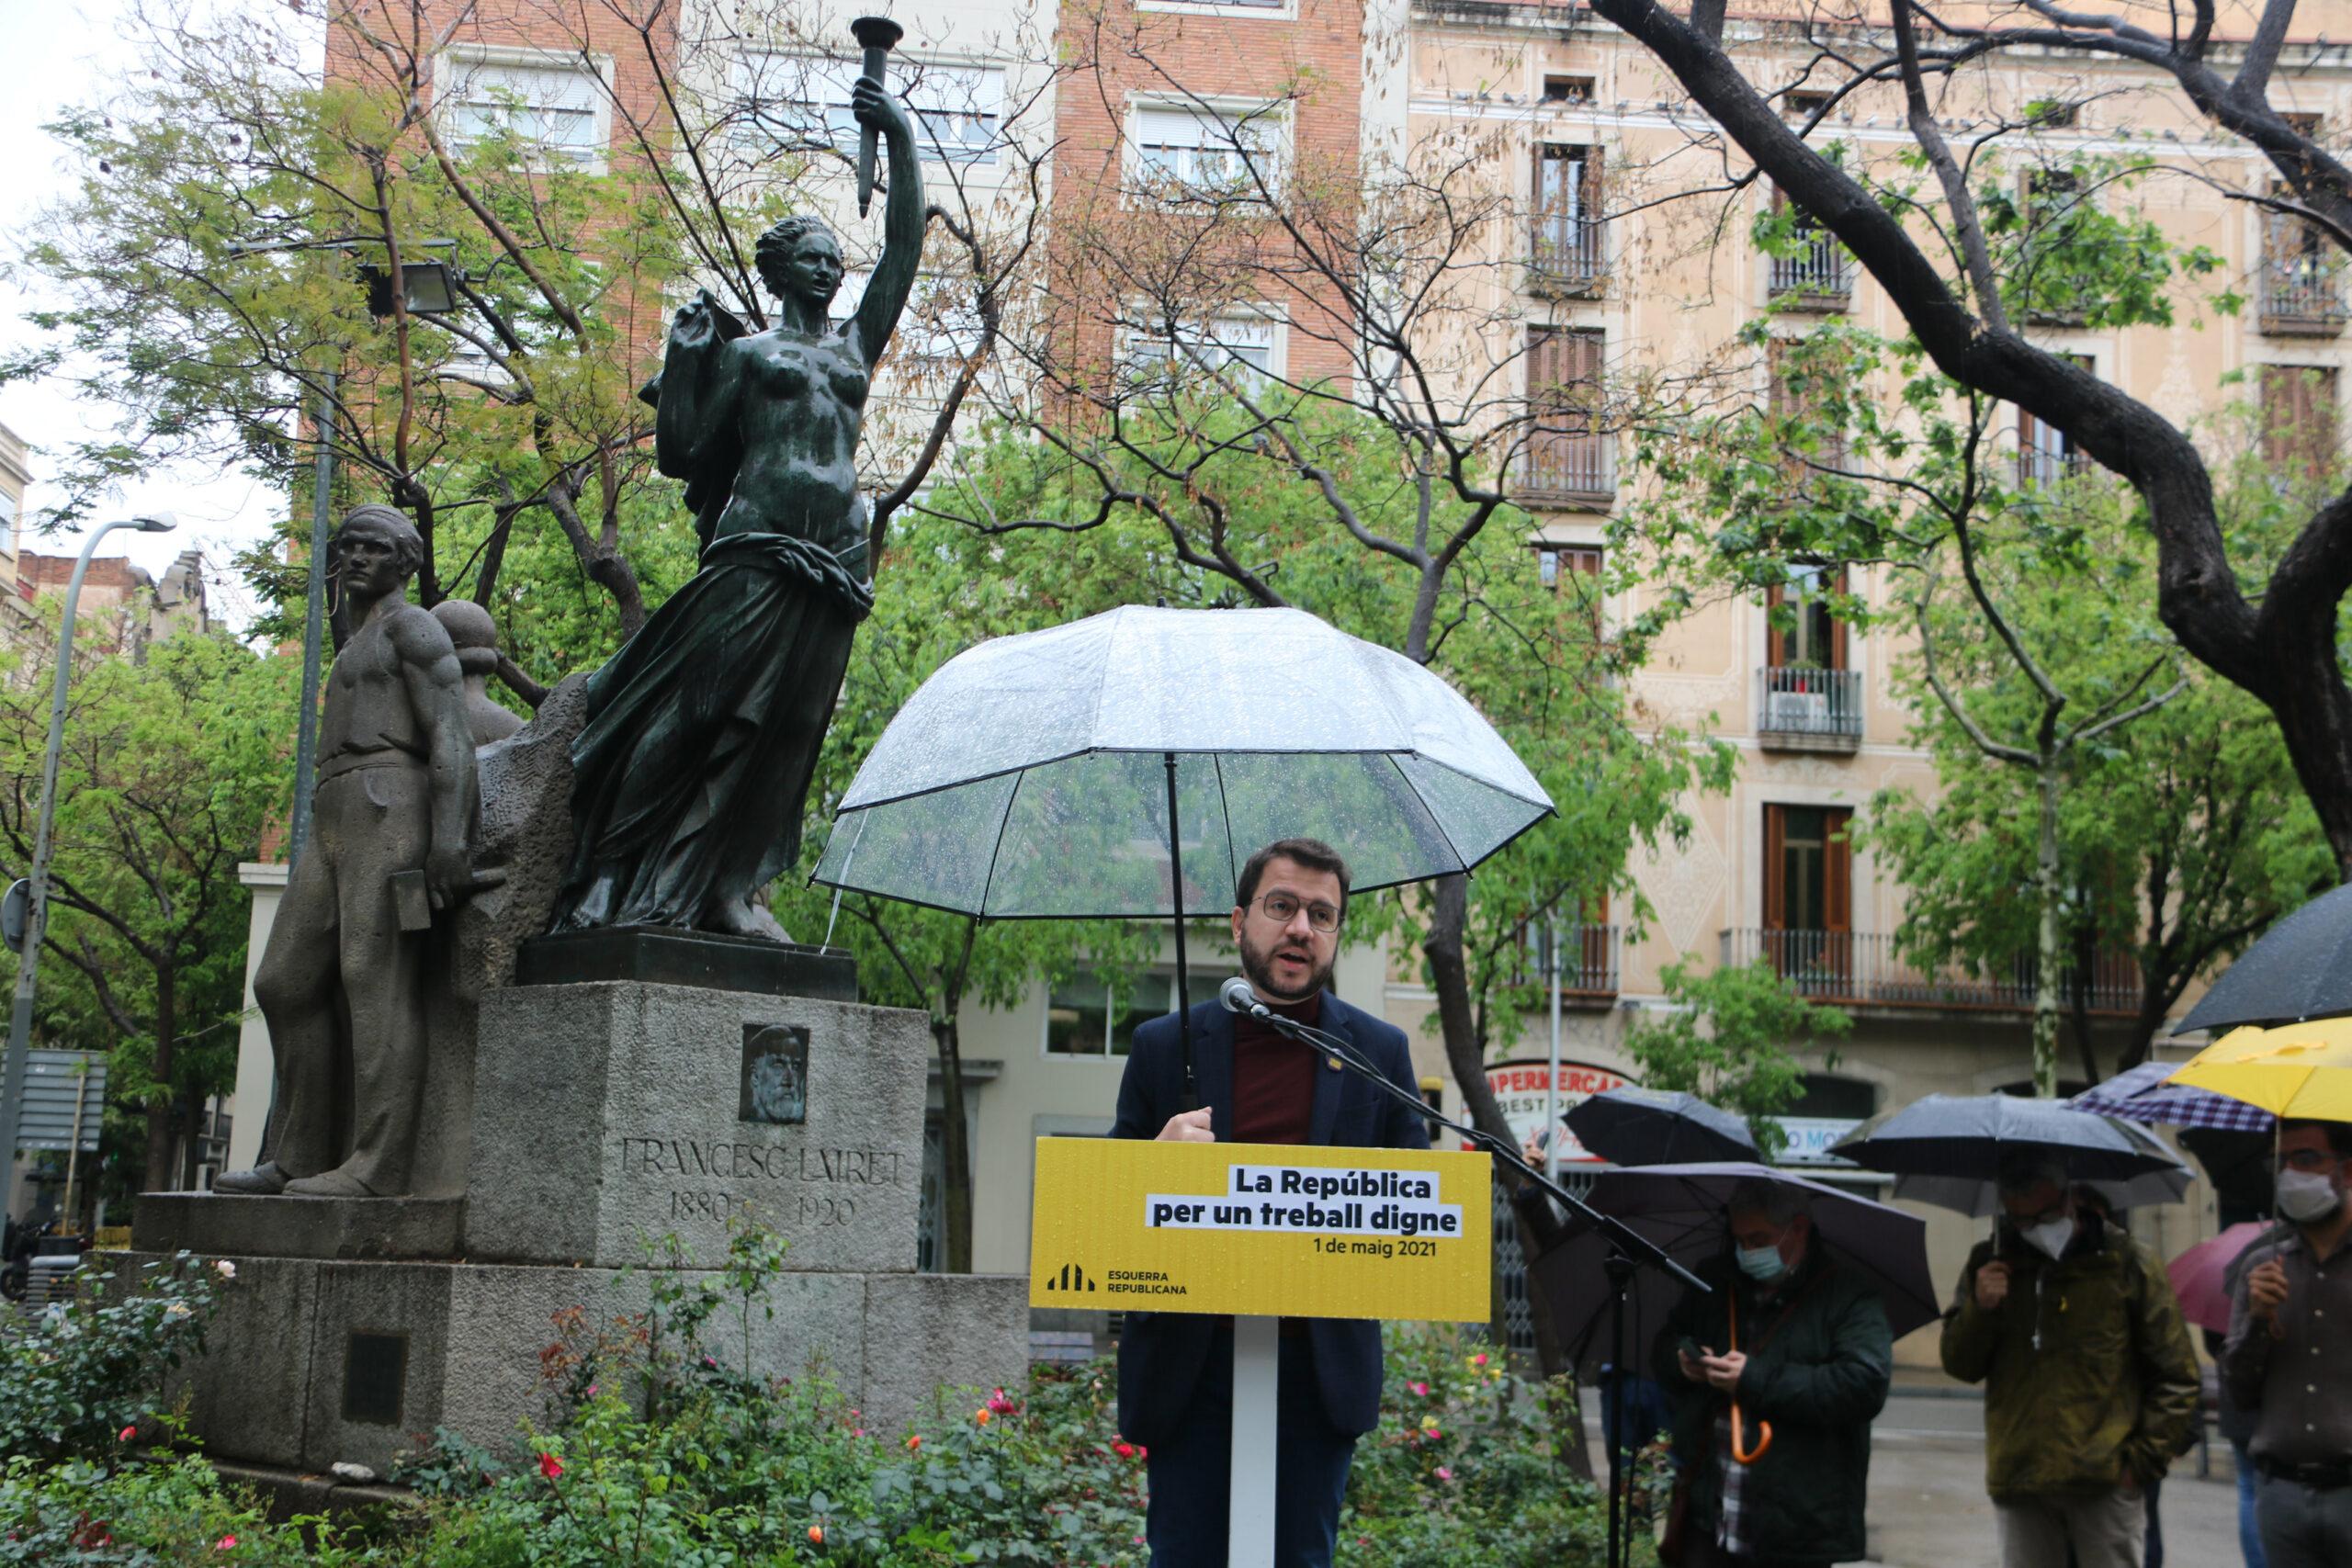 El vicepresident del Govern amb funcions de president, Pere Aragonès durant l'acte d'ERC aquest Primer de Maig / ACN